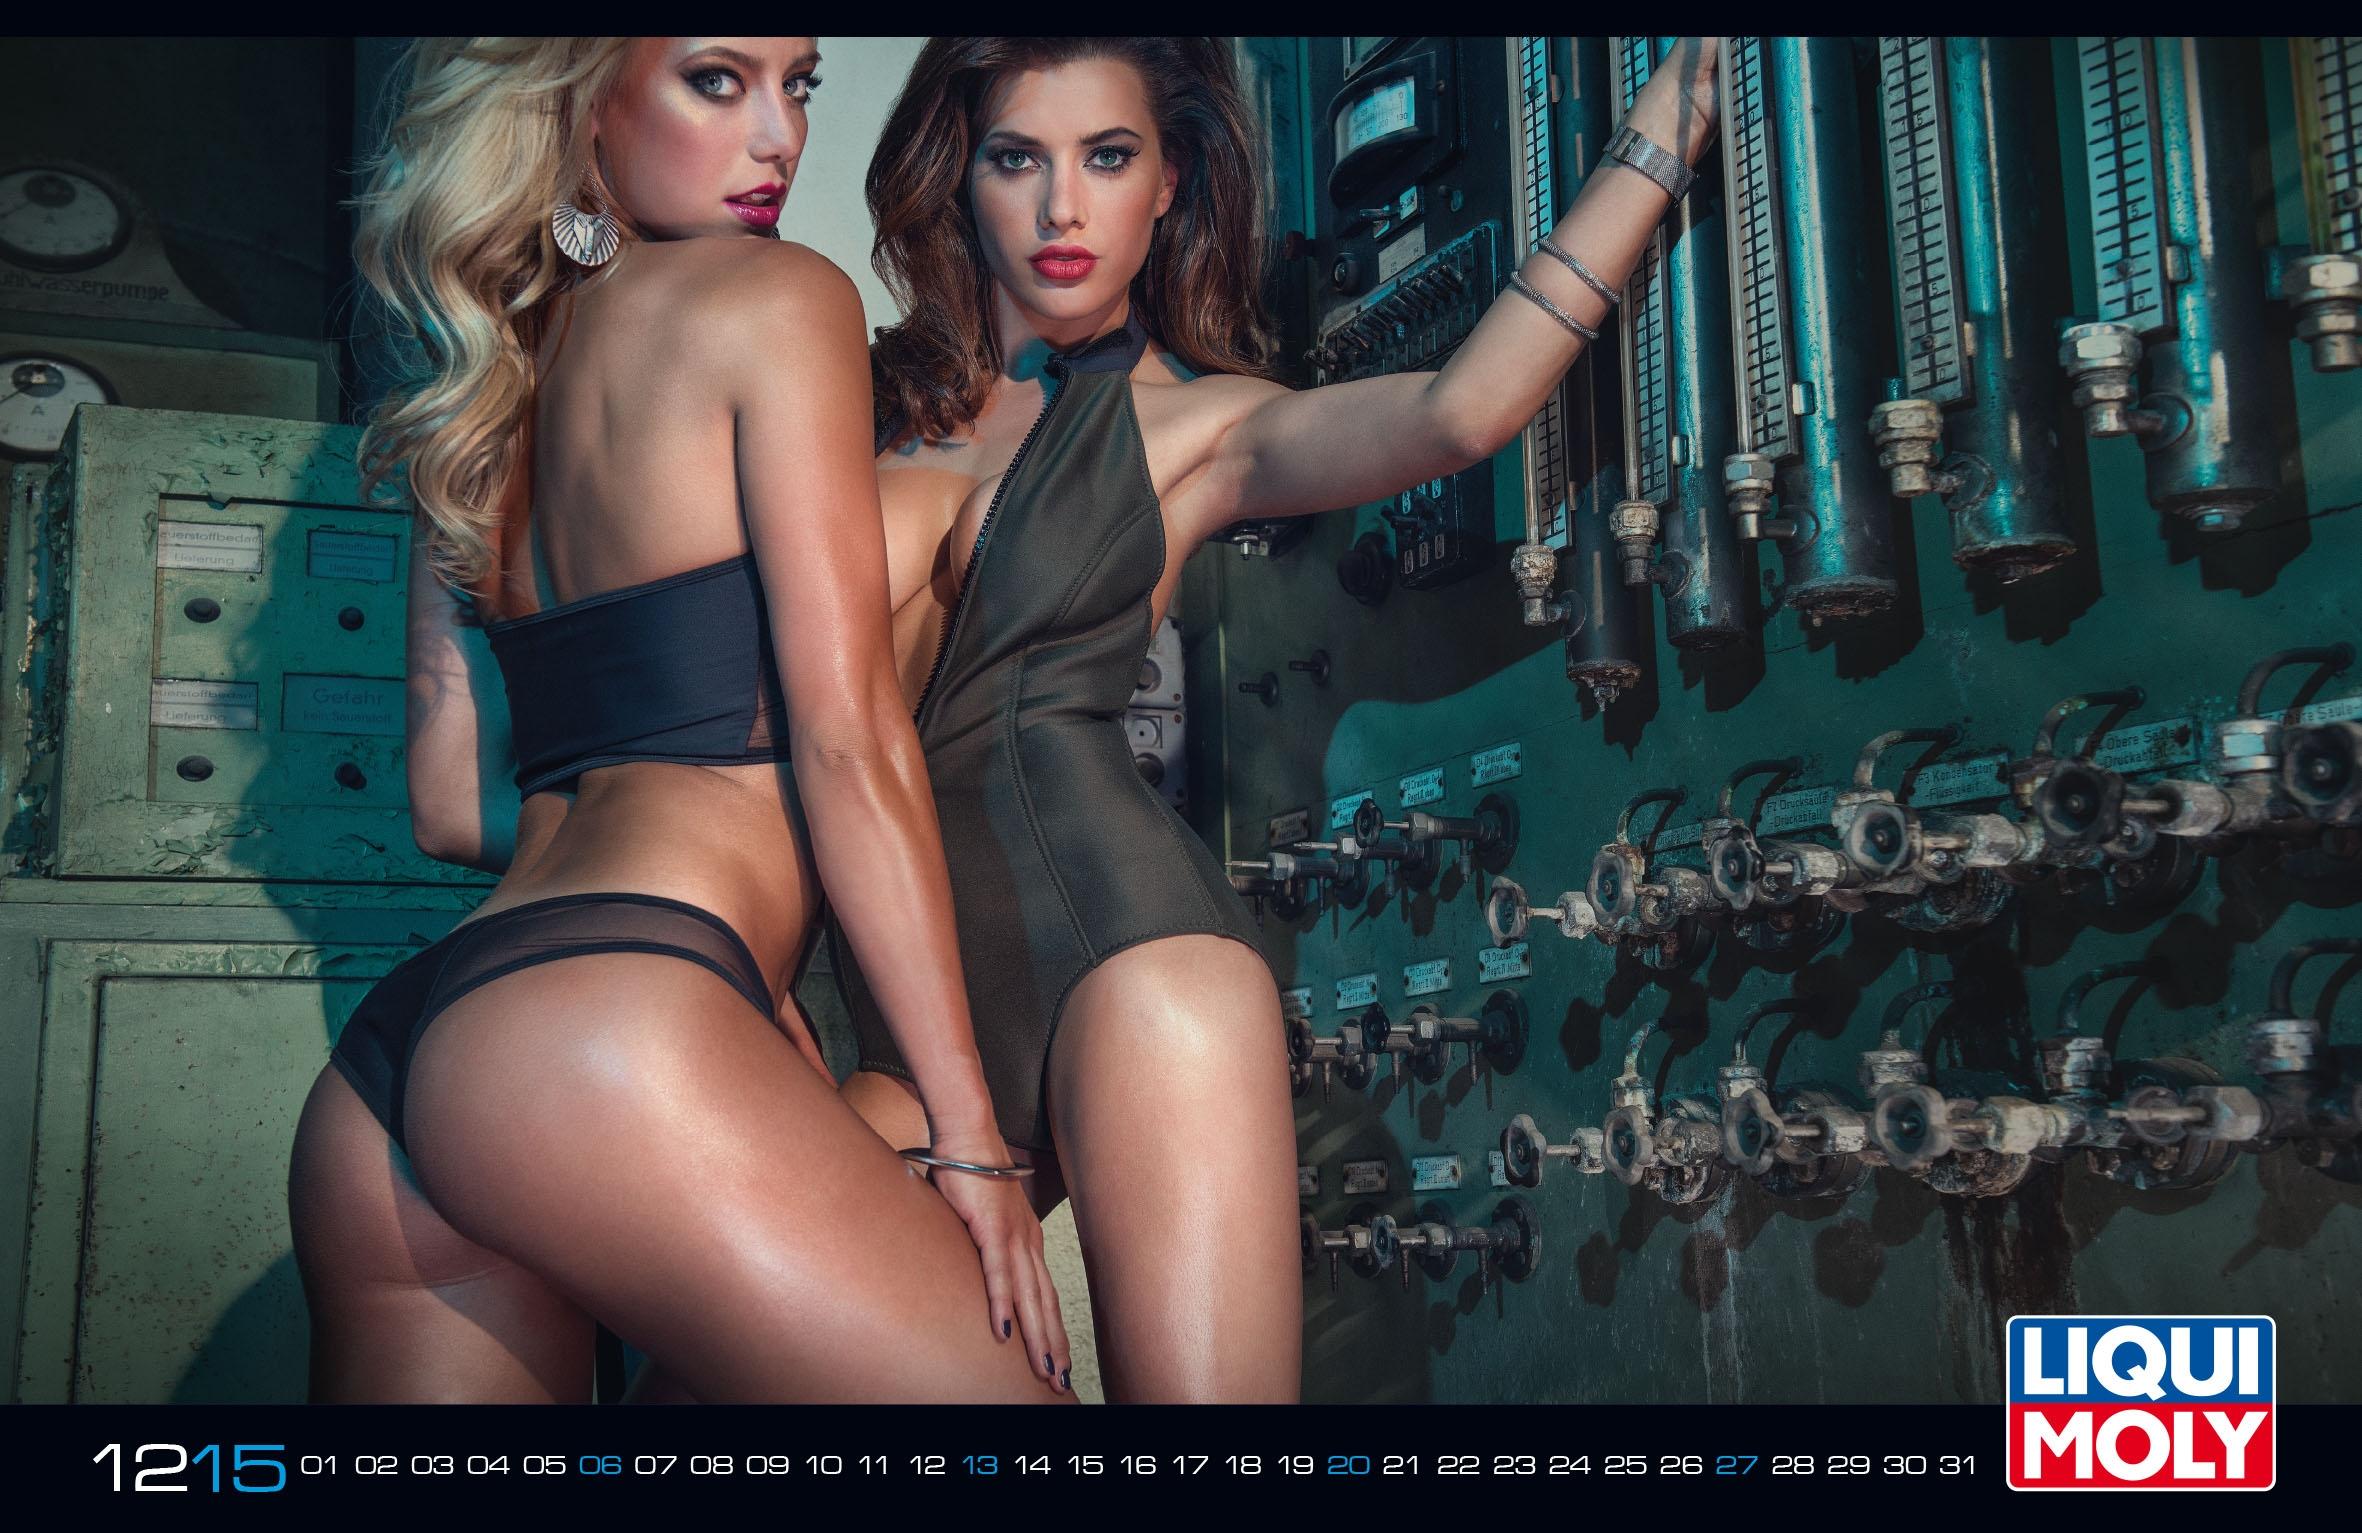 Календарь 2015 Liqui Moly